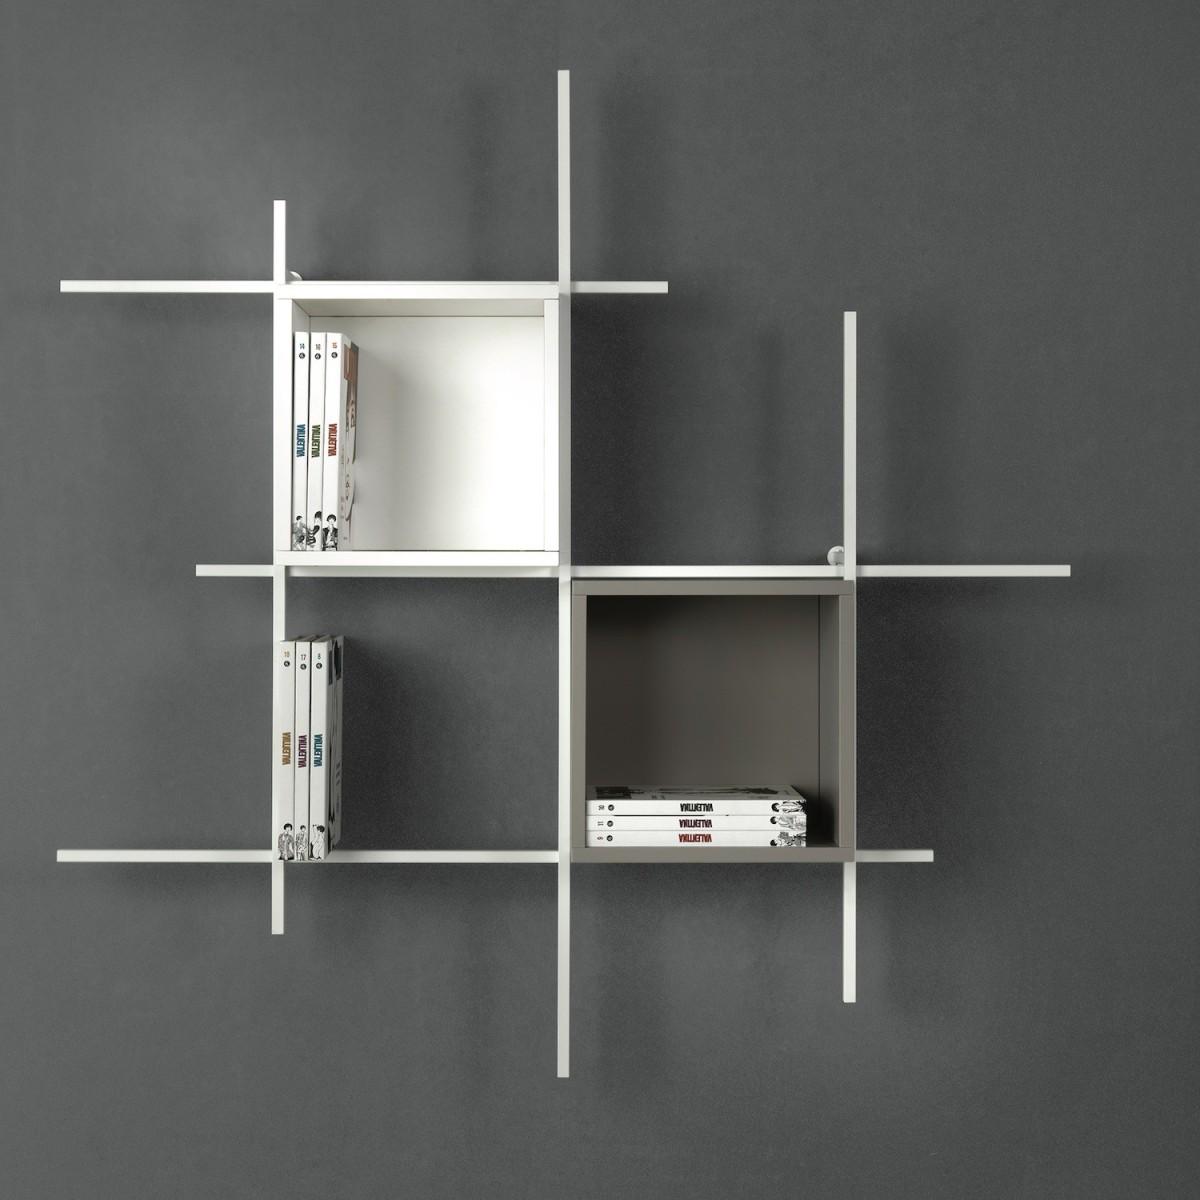 Libreria libra comp 31 sospesa a muro in acciaio design for Libreria a muro sospesa